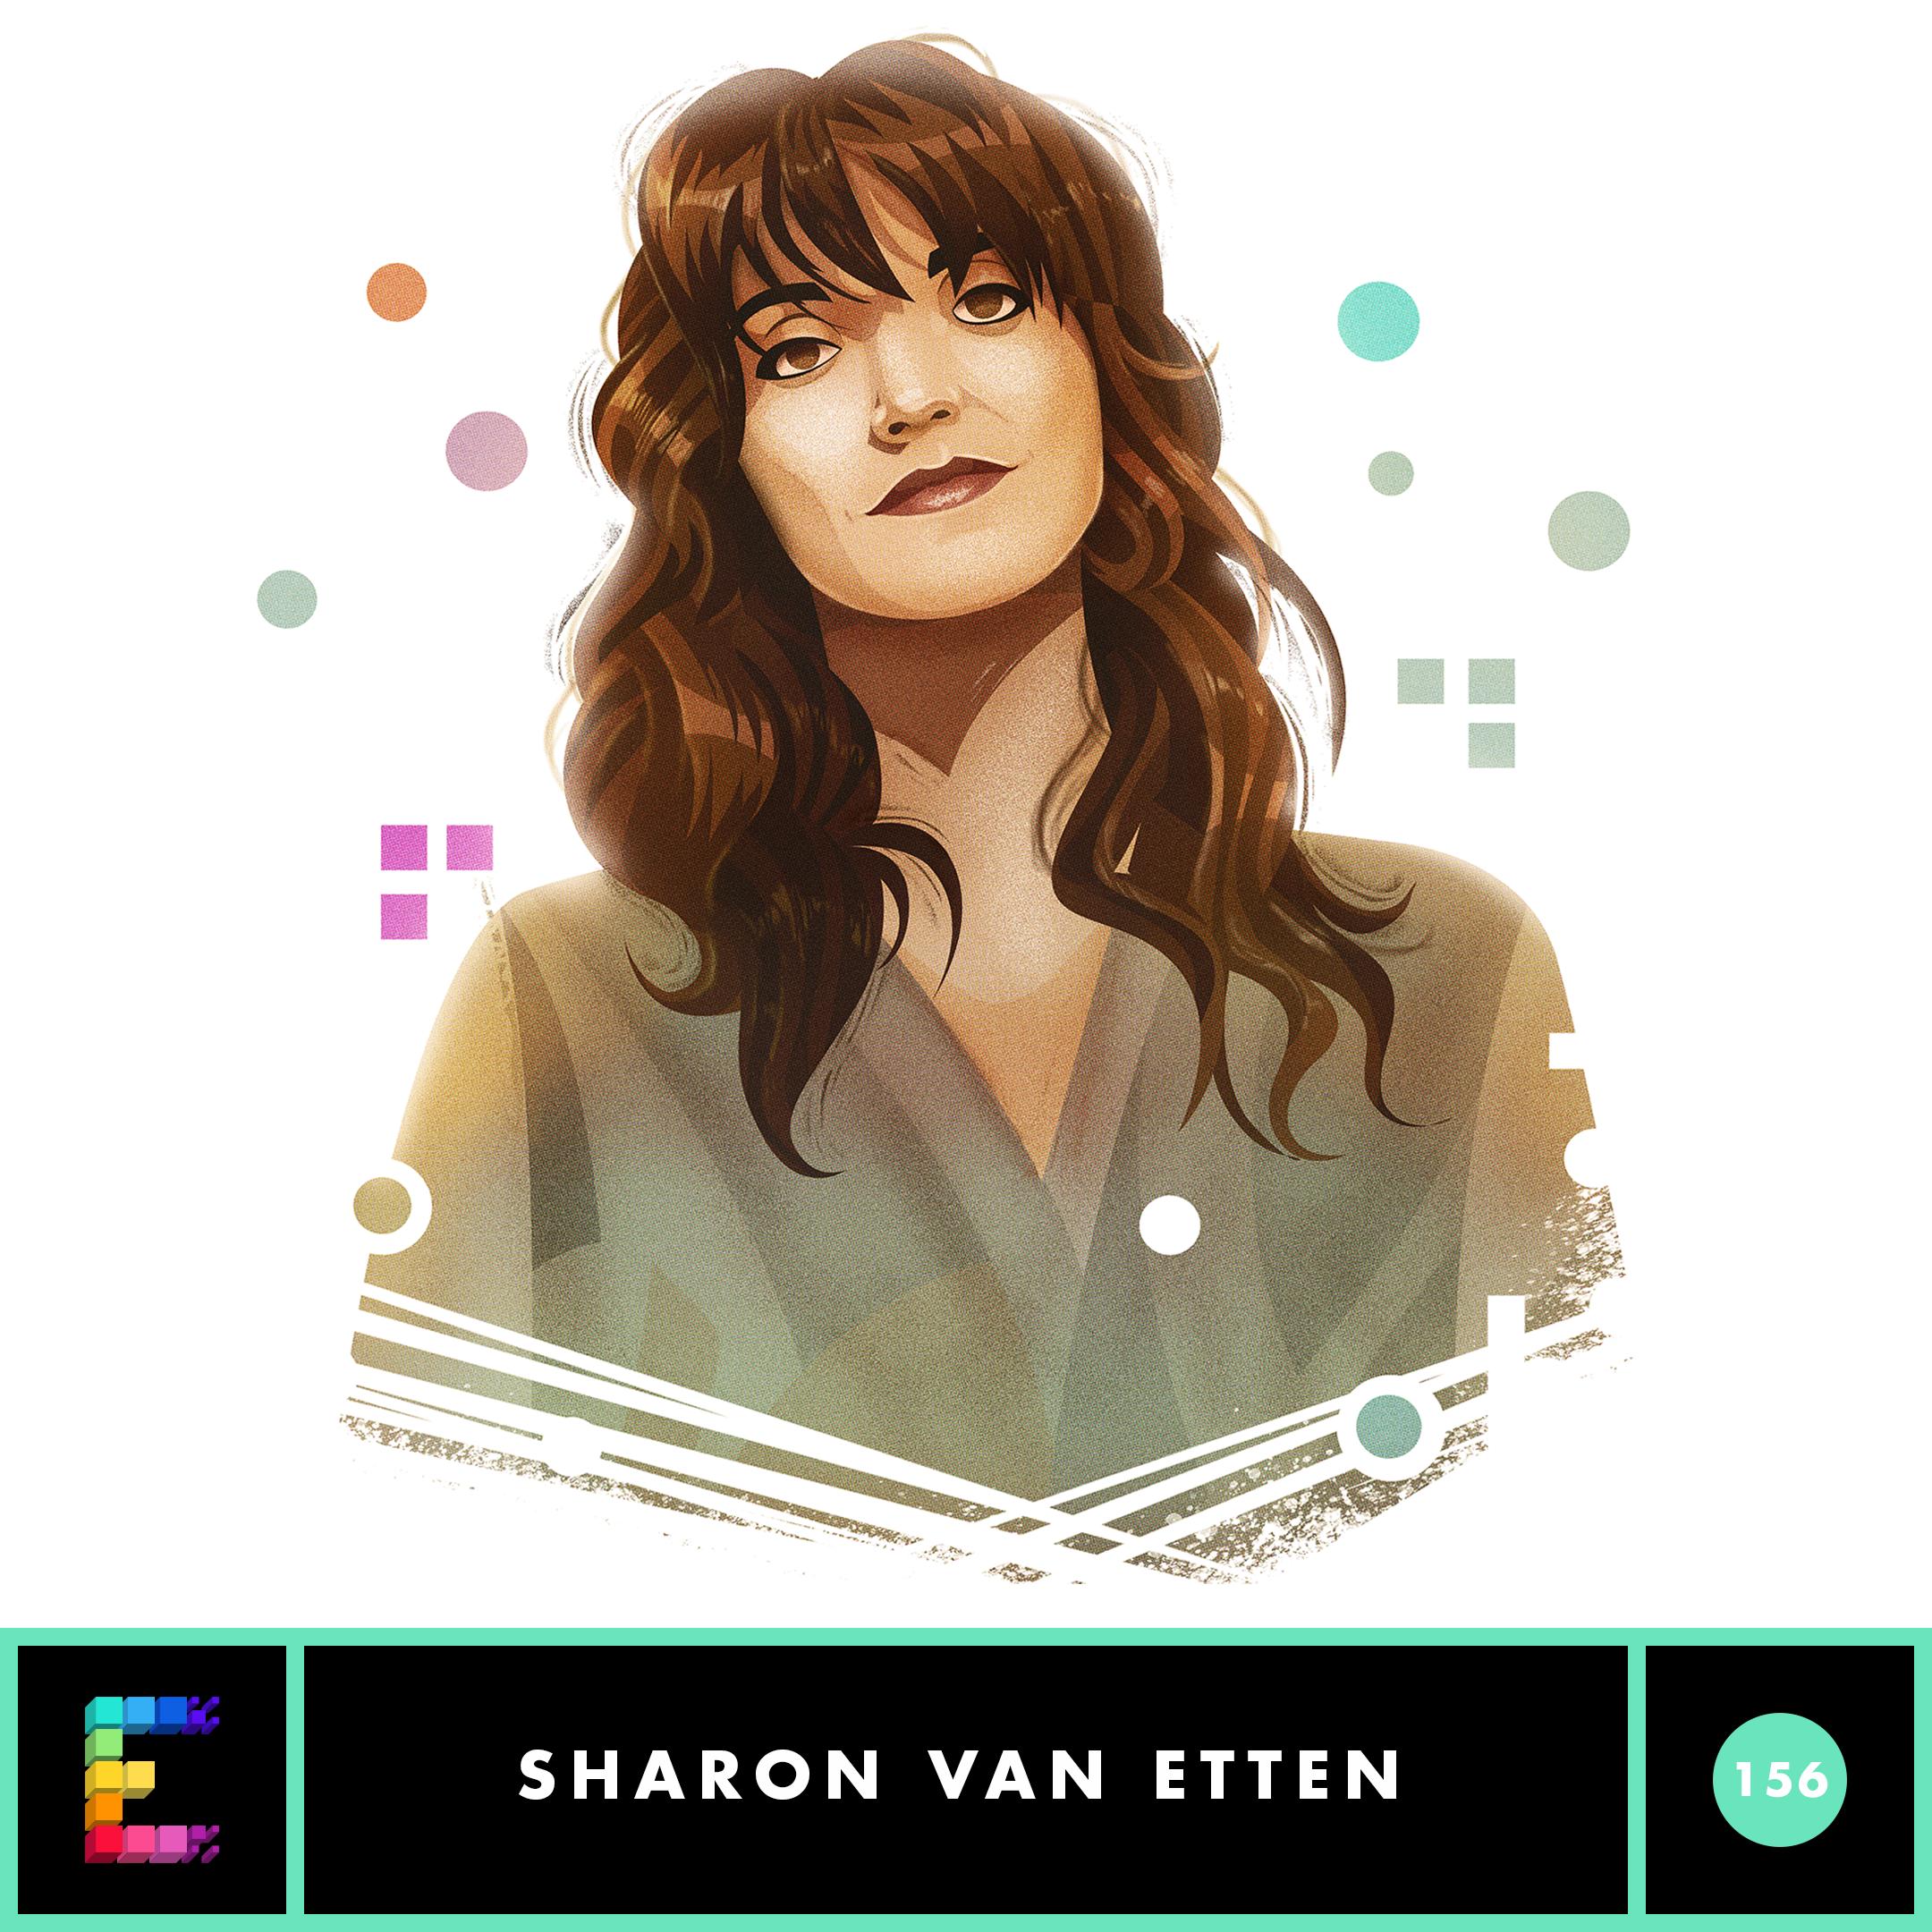 Sharon Van Etten - Seventeen